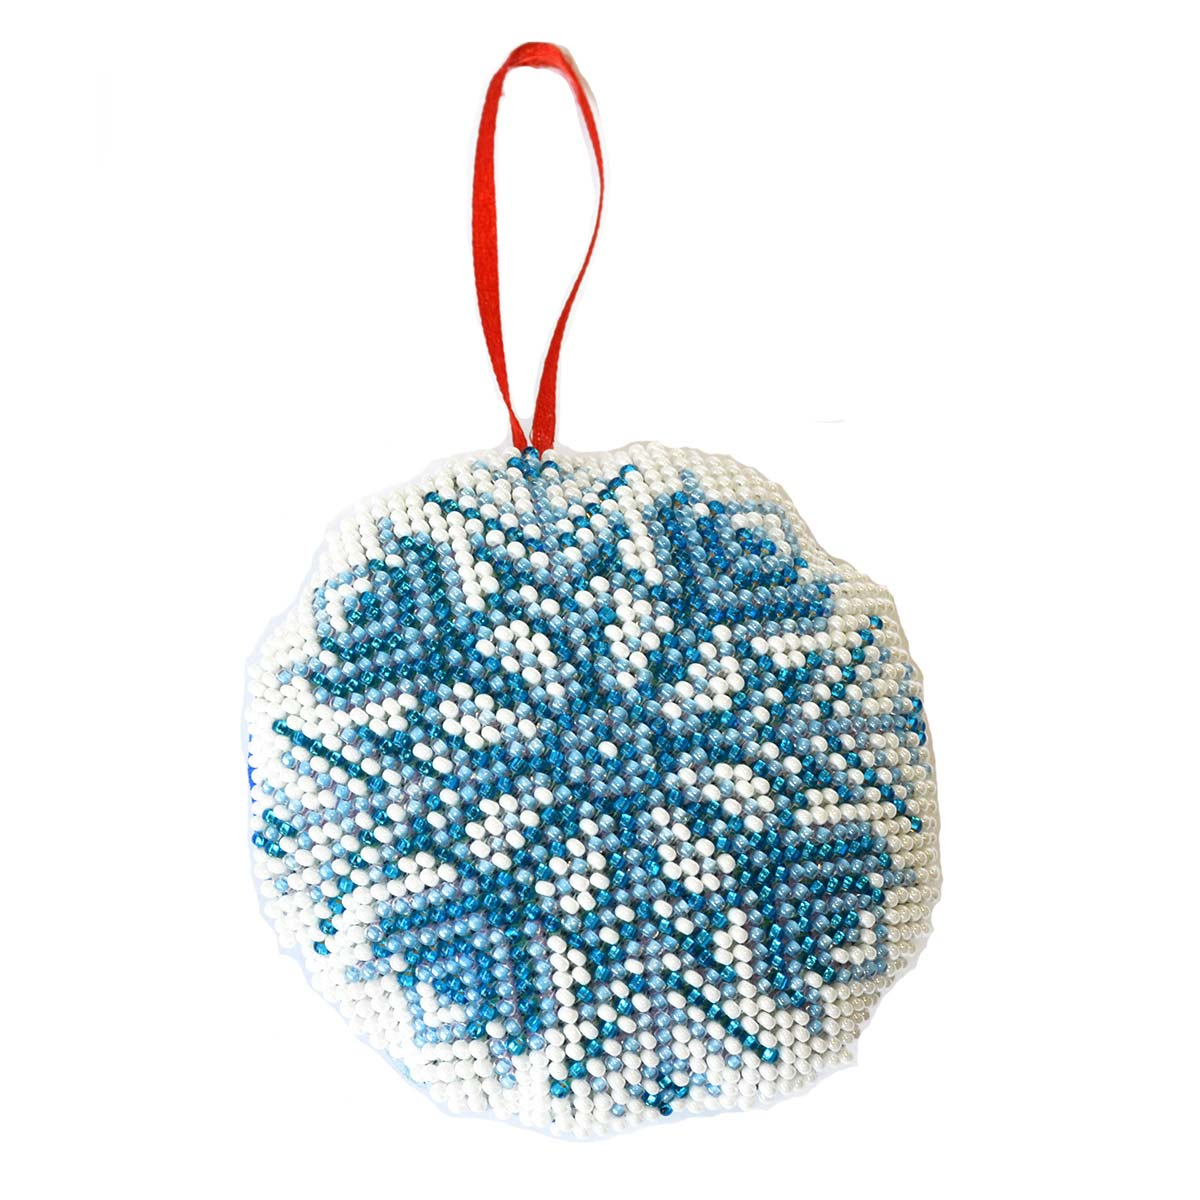 БИ-108 Набор для вышивания бисером'Созвездие'. Новогодняя игрушка 'Снежинка'8,5*8,5см